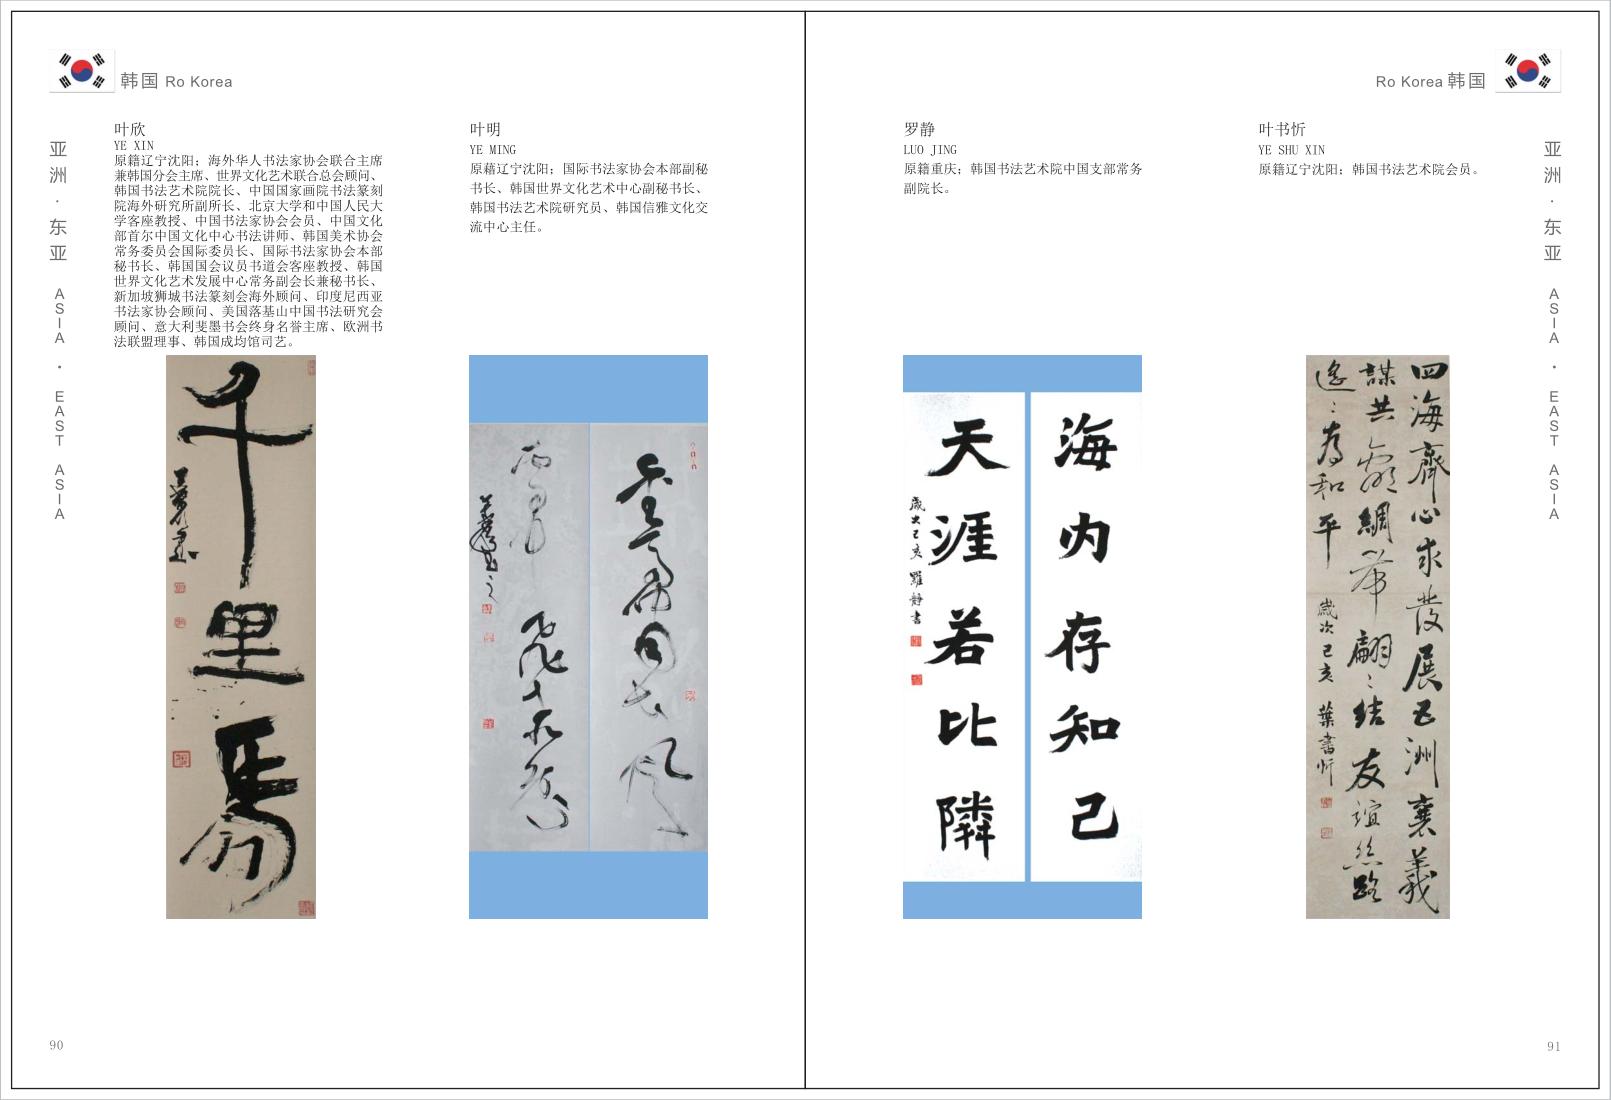 191页2_47.png